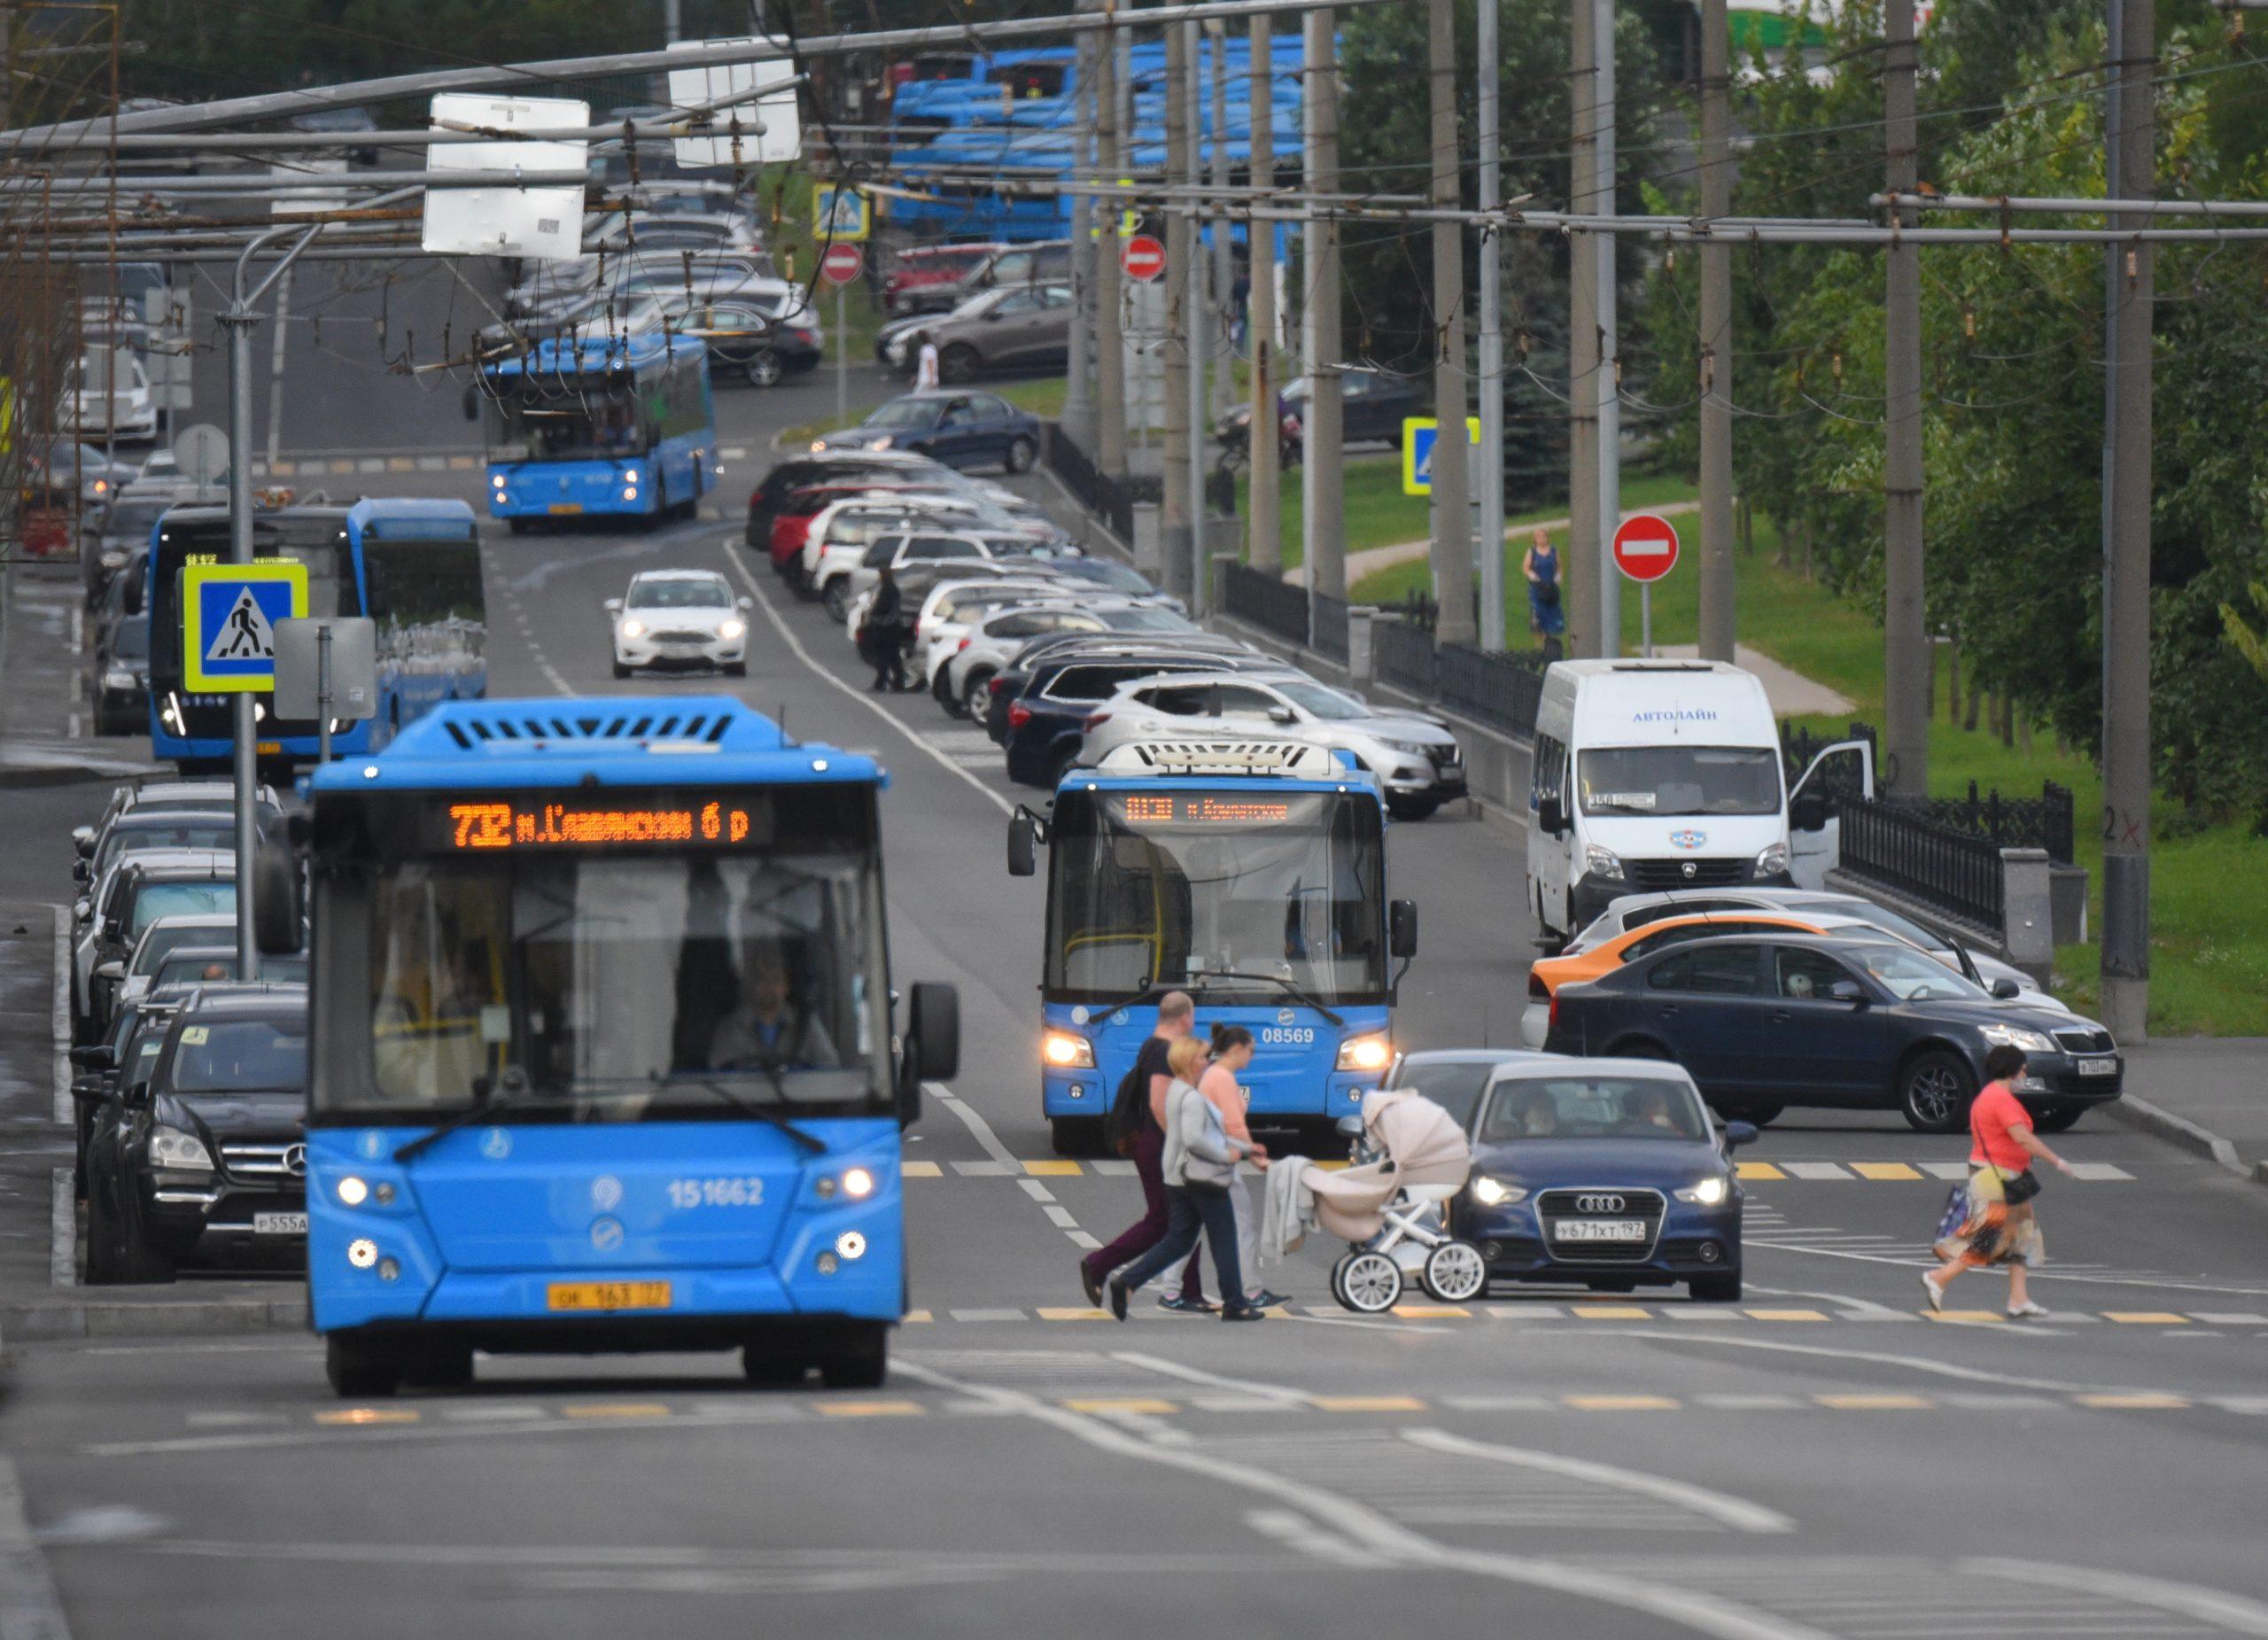 Движение транспорта на некоторых участках юга ограничат на семь месяцев